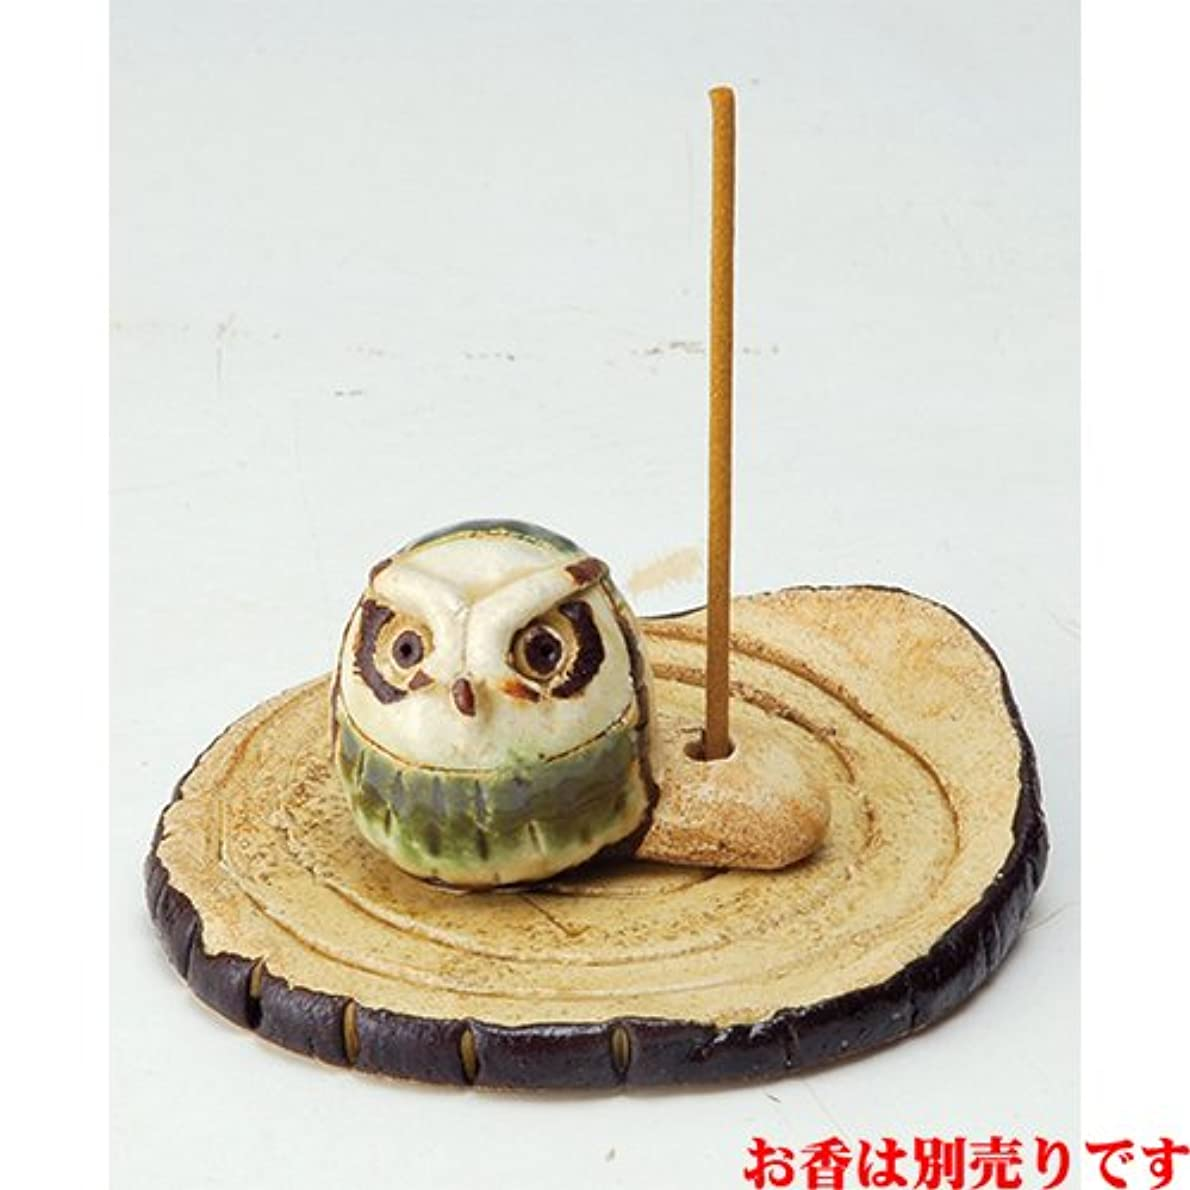 魔術セラー放置香皿 白萩 フクロウ 皿付香立 [H4cm] HANDMADE プレゼント ギフト 和食器 かわいい インテリア